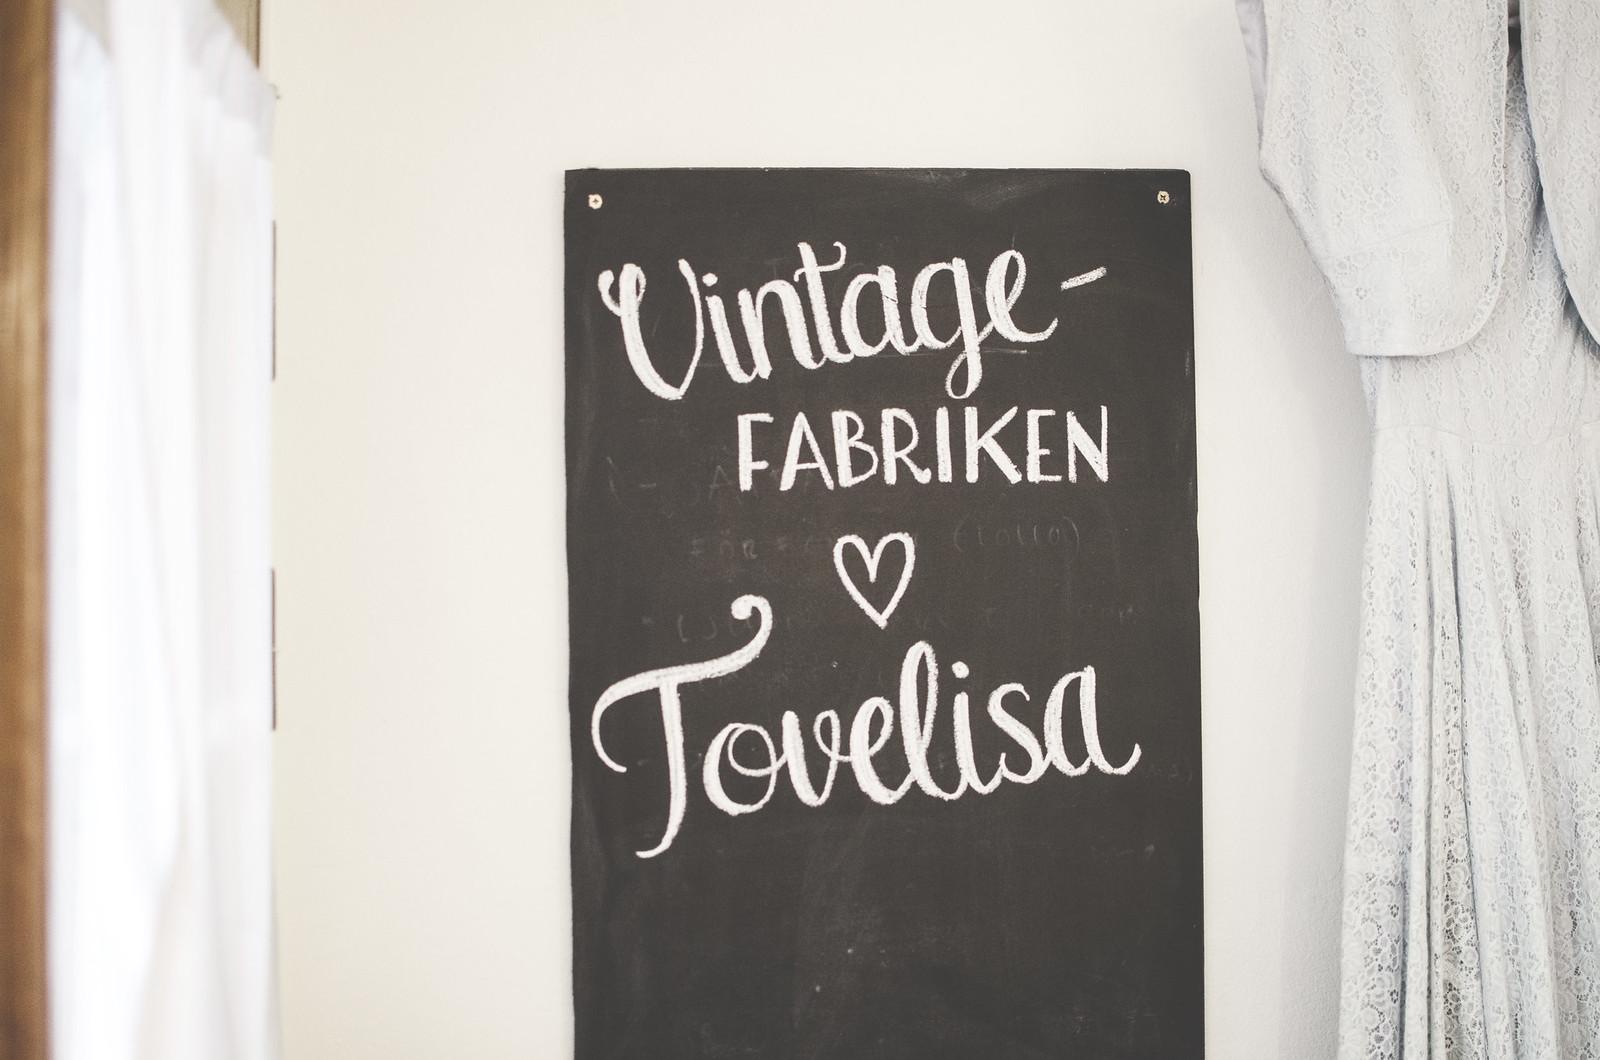 Vintagefabriken fyller två år och tovelisa släpper målarbok